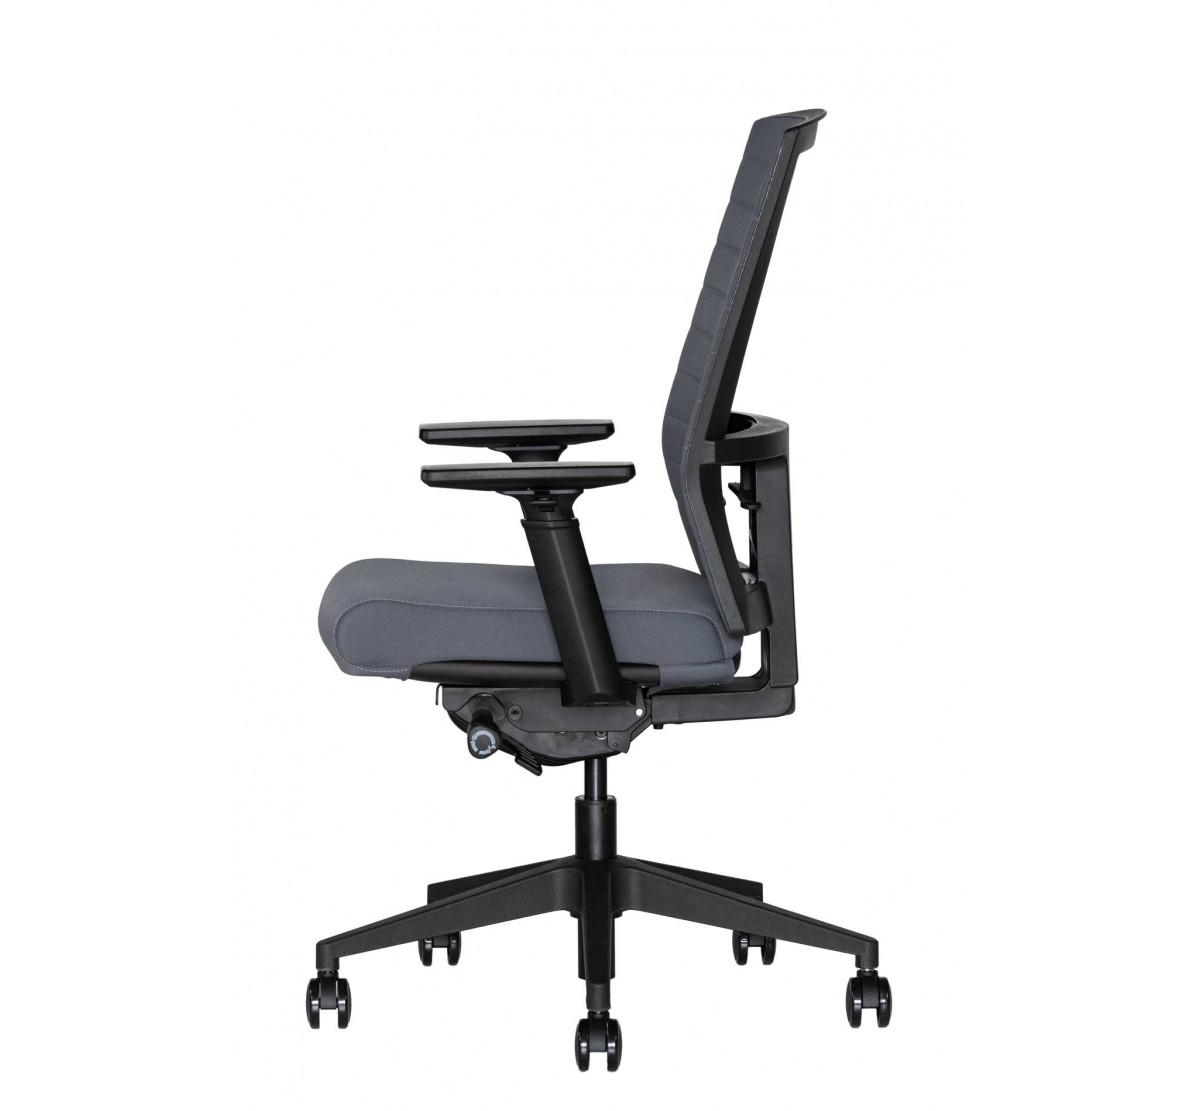 Darbo kėdė MUSKA